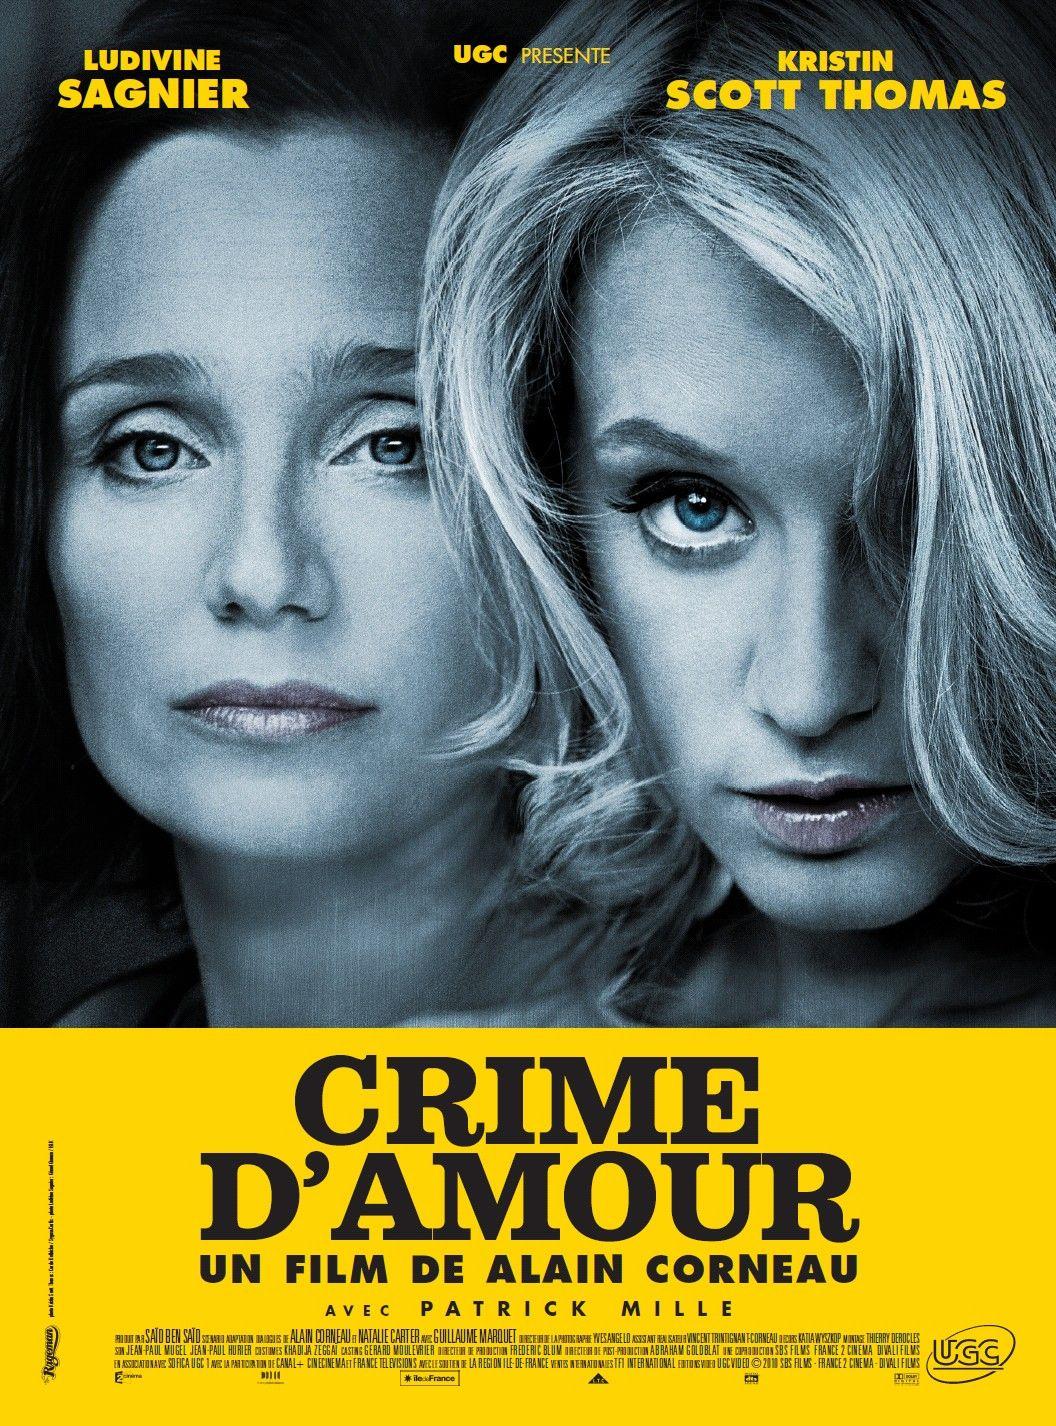 http://1.bp.blogspot.com/-5Hry3T0BlnM/TnydX0rHwhI/AAAAAAAAB_g/9HYDk4XRwyg/s1600/Crime%2BD%2BAmour%2BFRONT.jpg